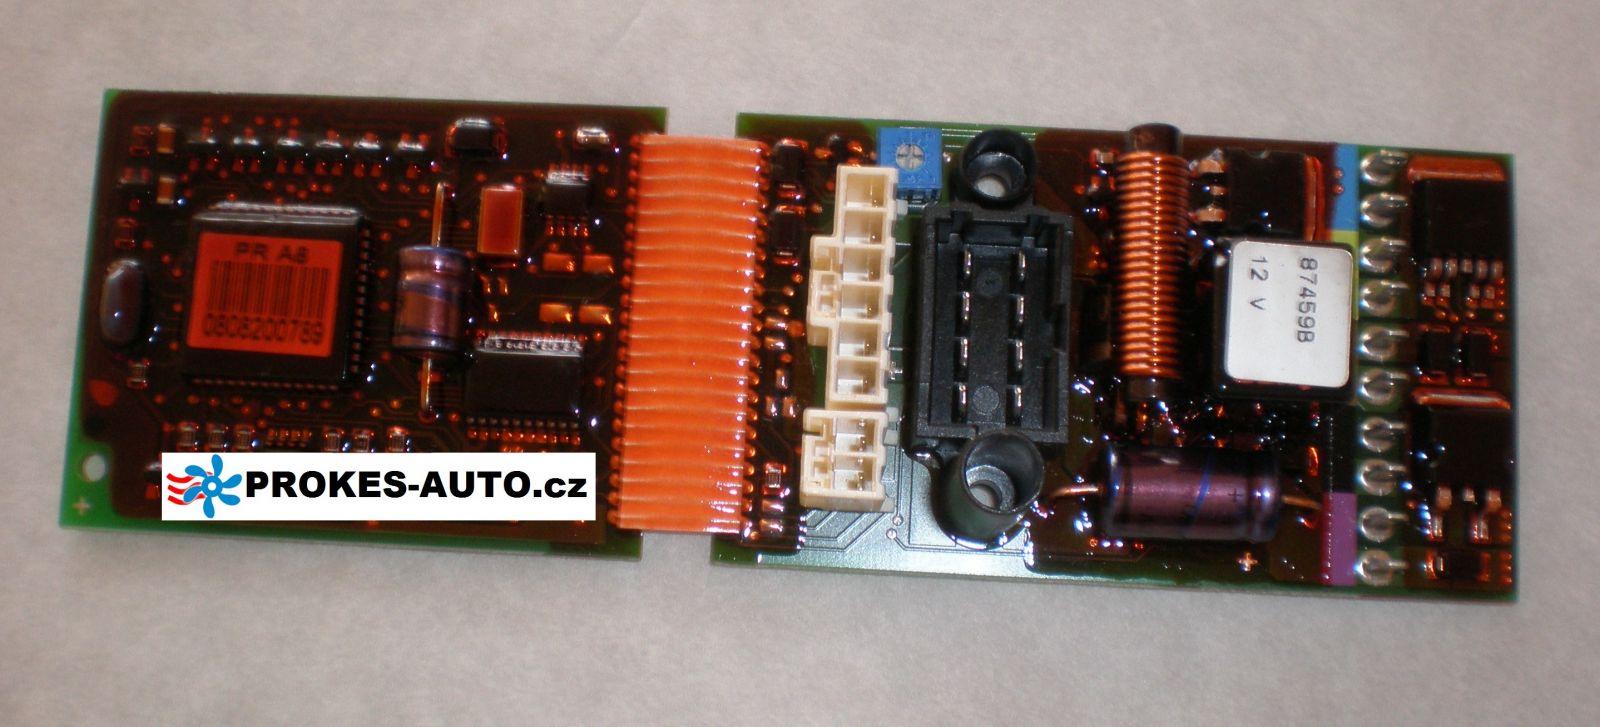 Webasto riadiaca jednotka pre Air top 2000 / 2000 S 12V diesel 87461 / 1323325